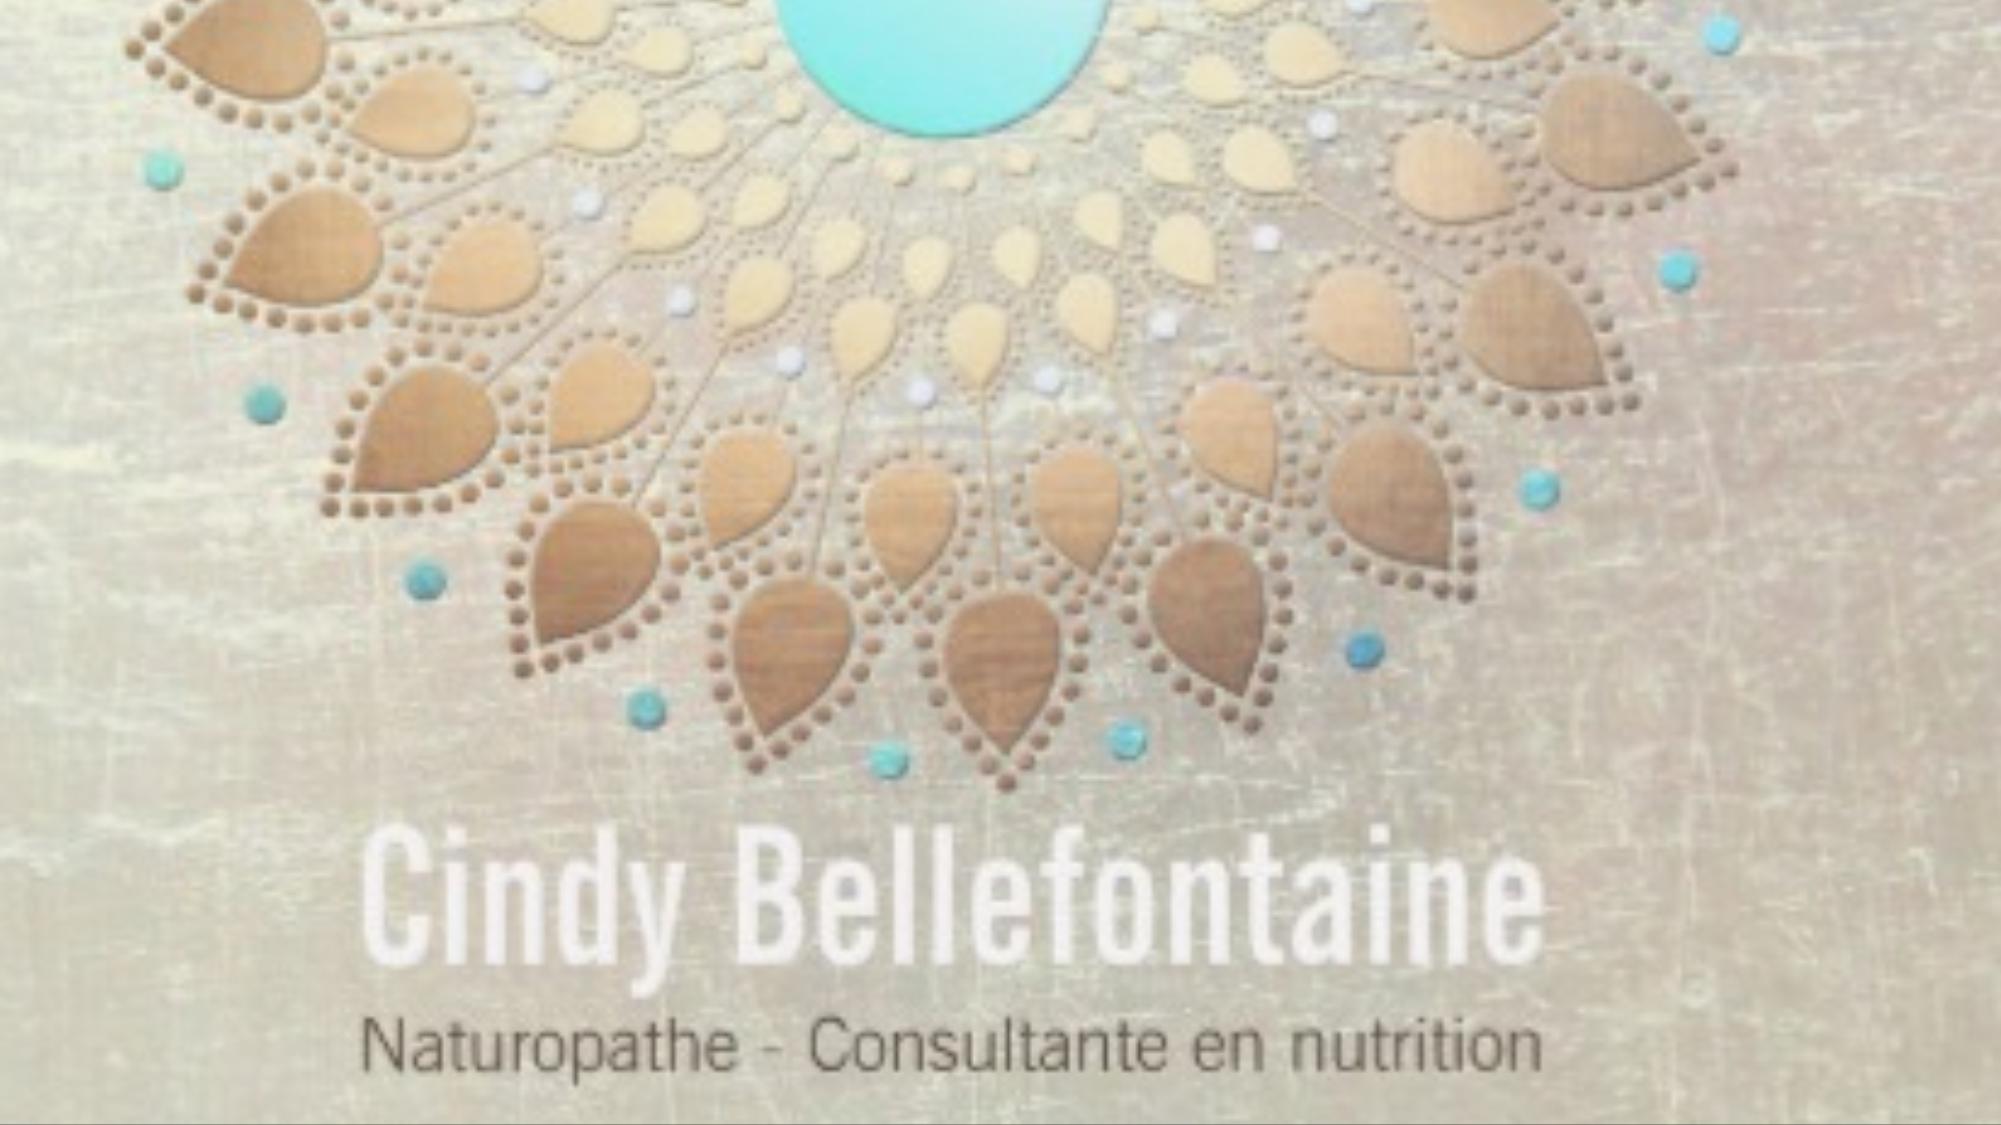 Cindy Bellefontaine - Naturopathe & Consultante en Nutrition à Sainte-Julie